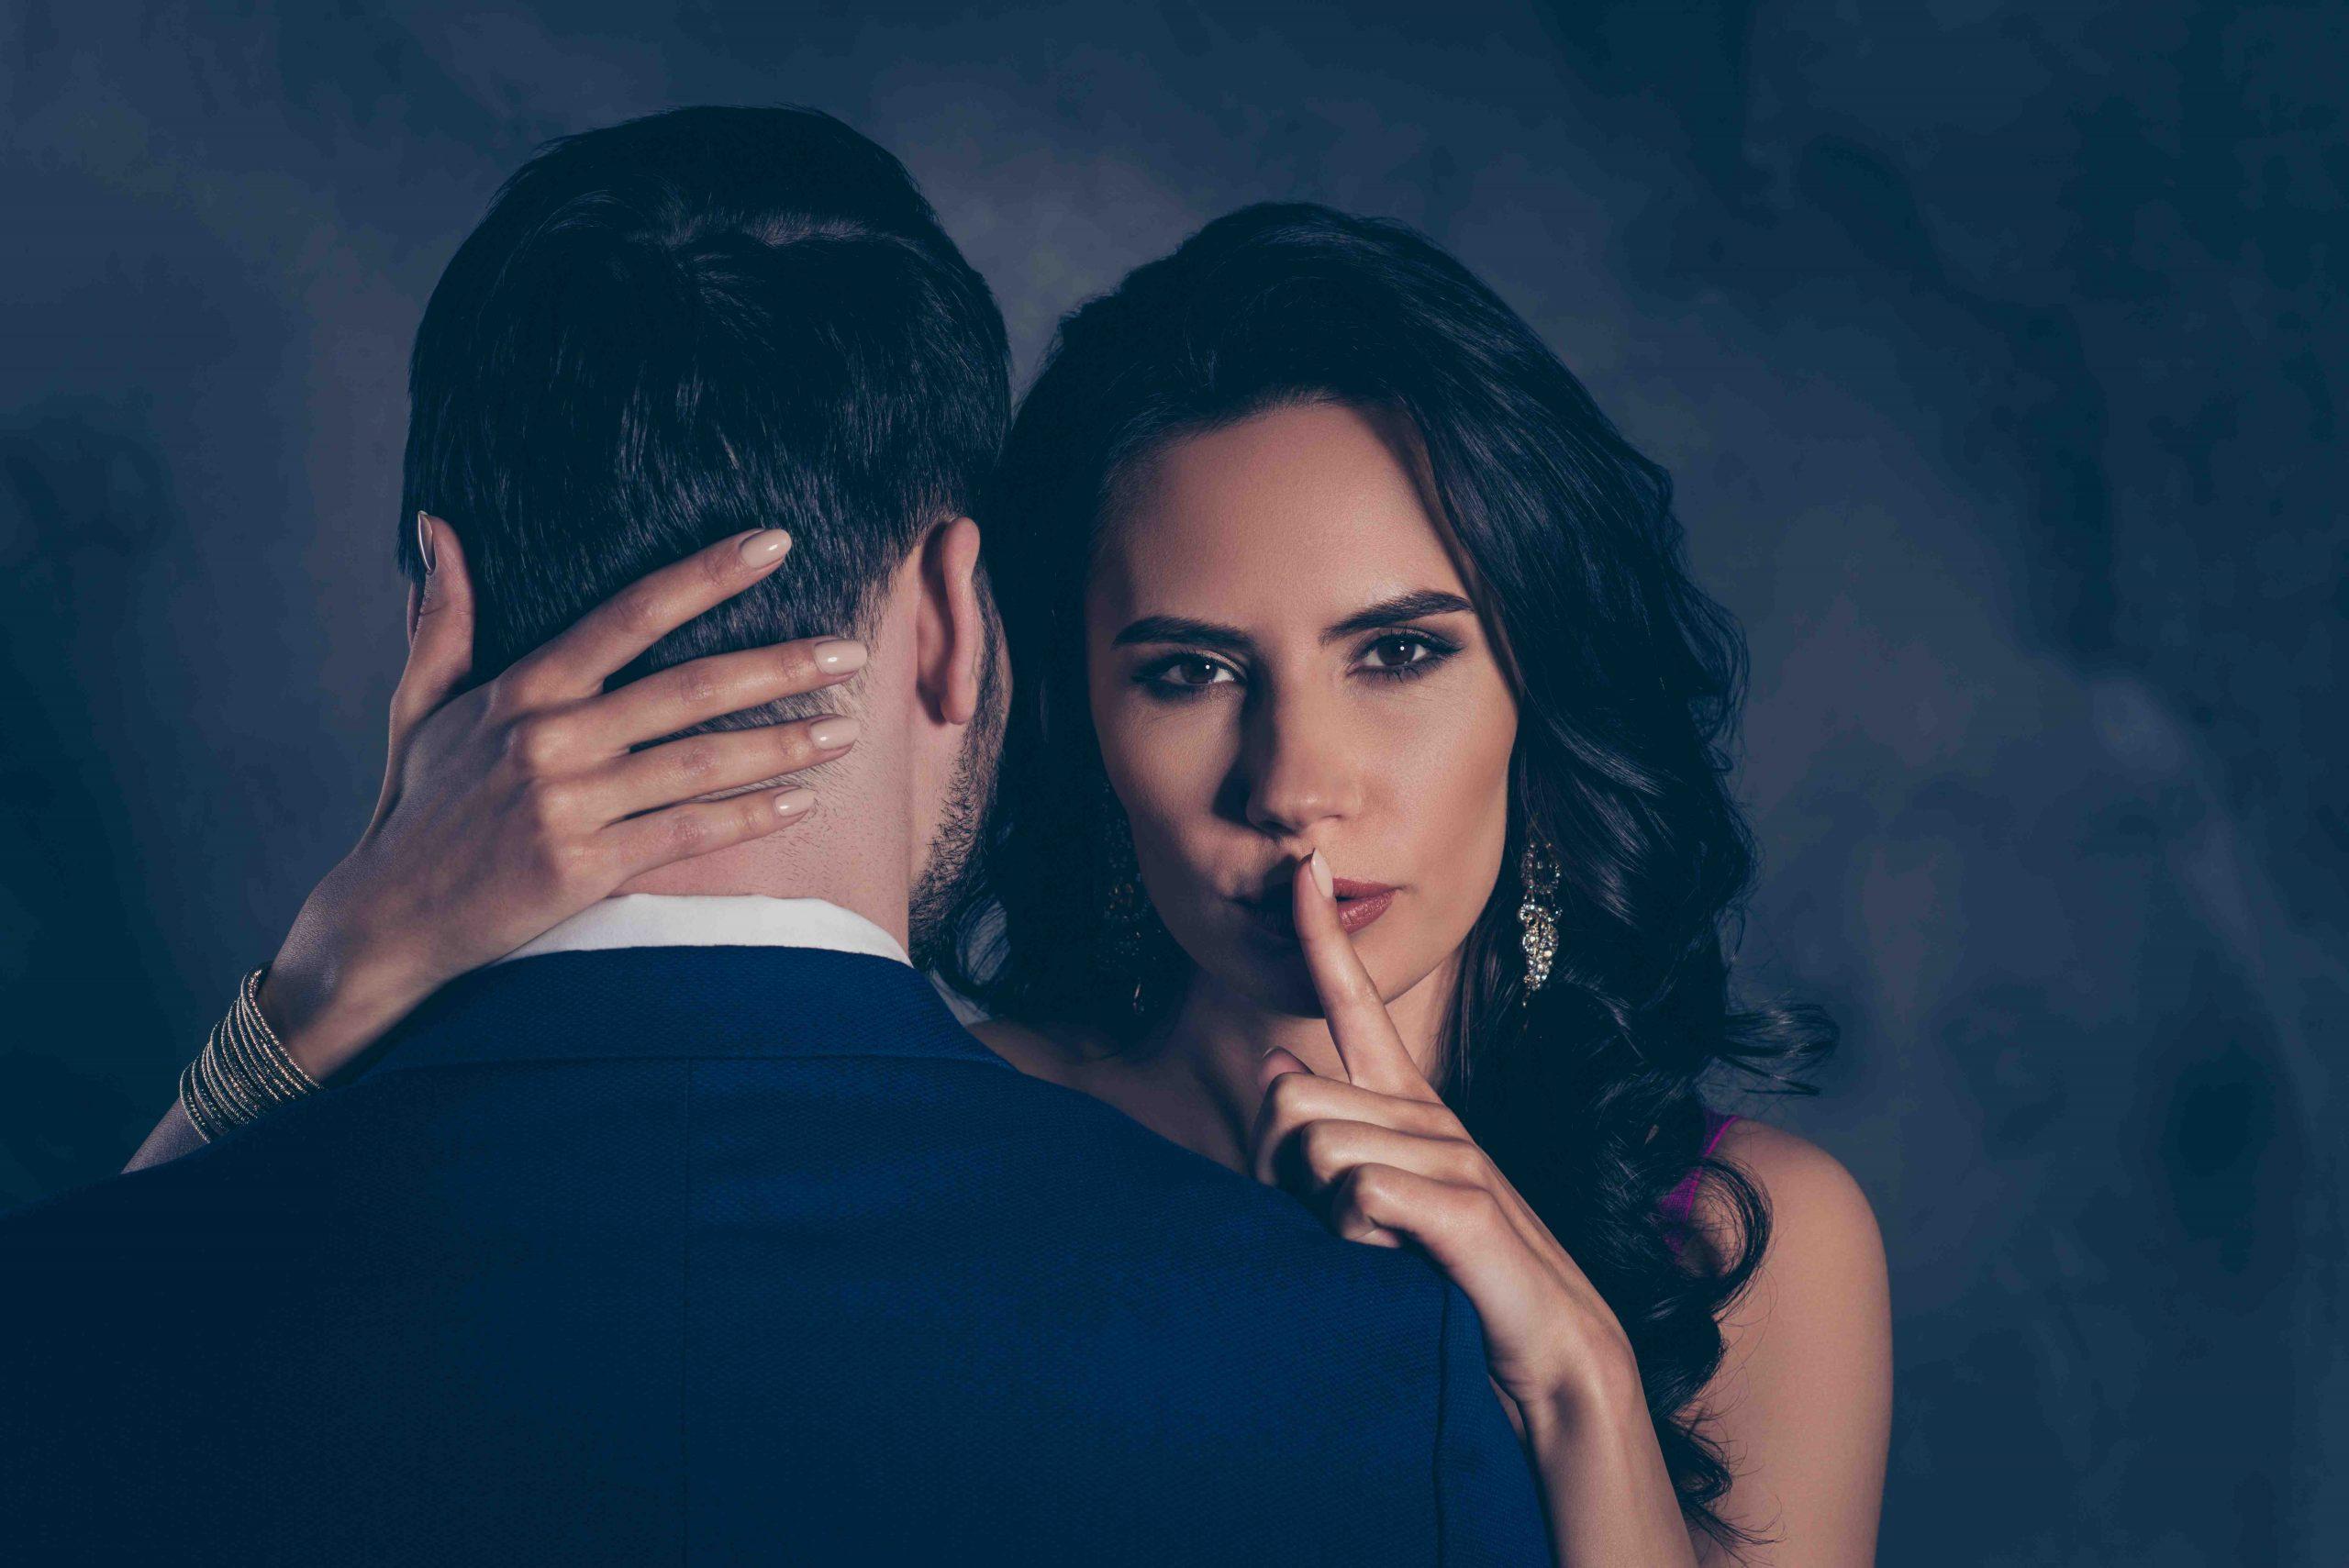 Comment faire un rapport d'adultère?